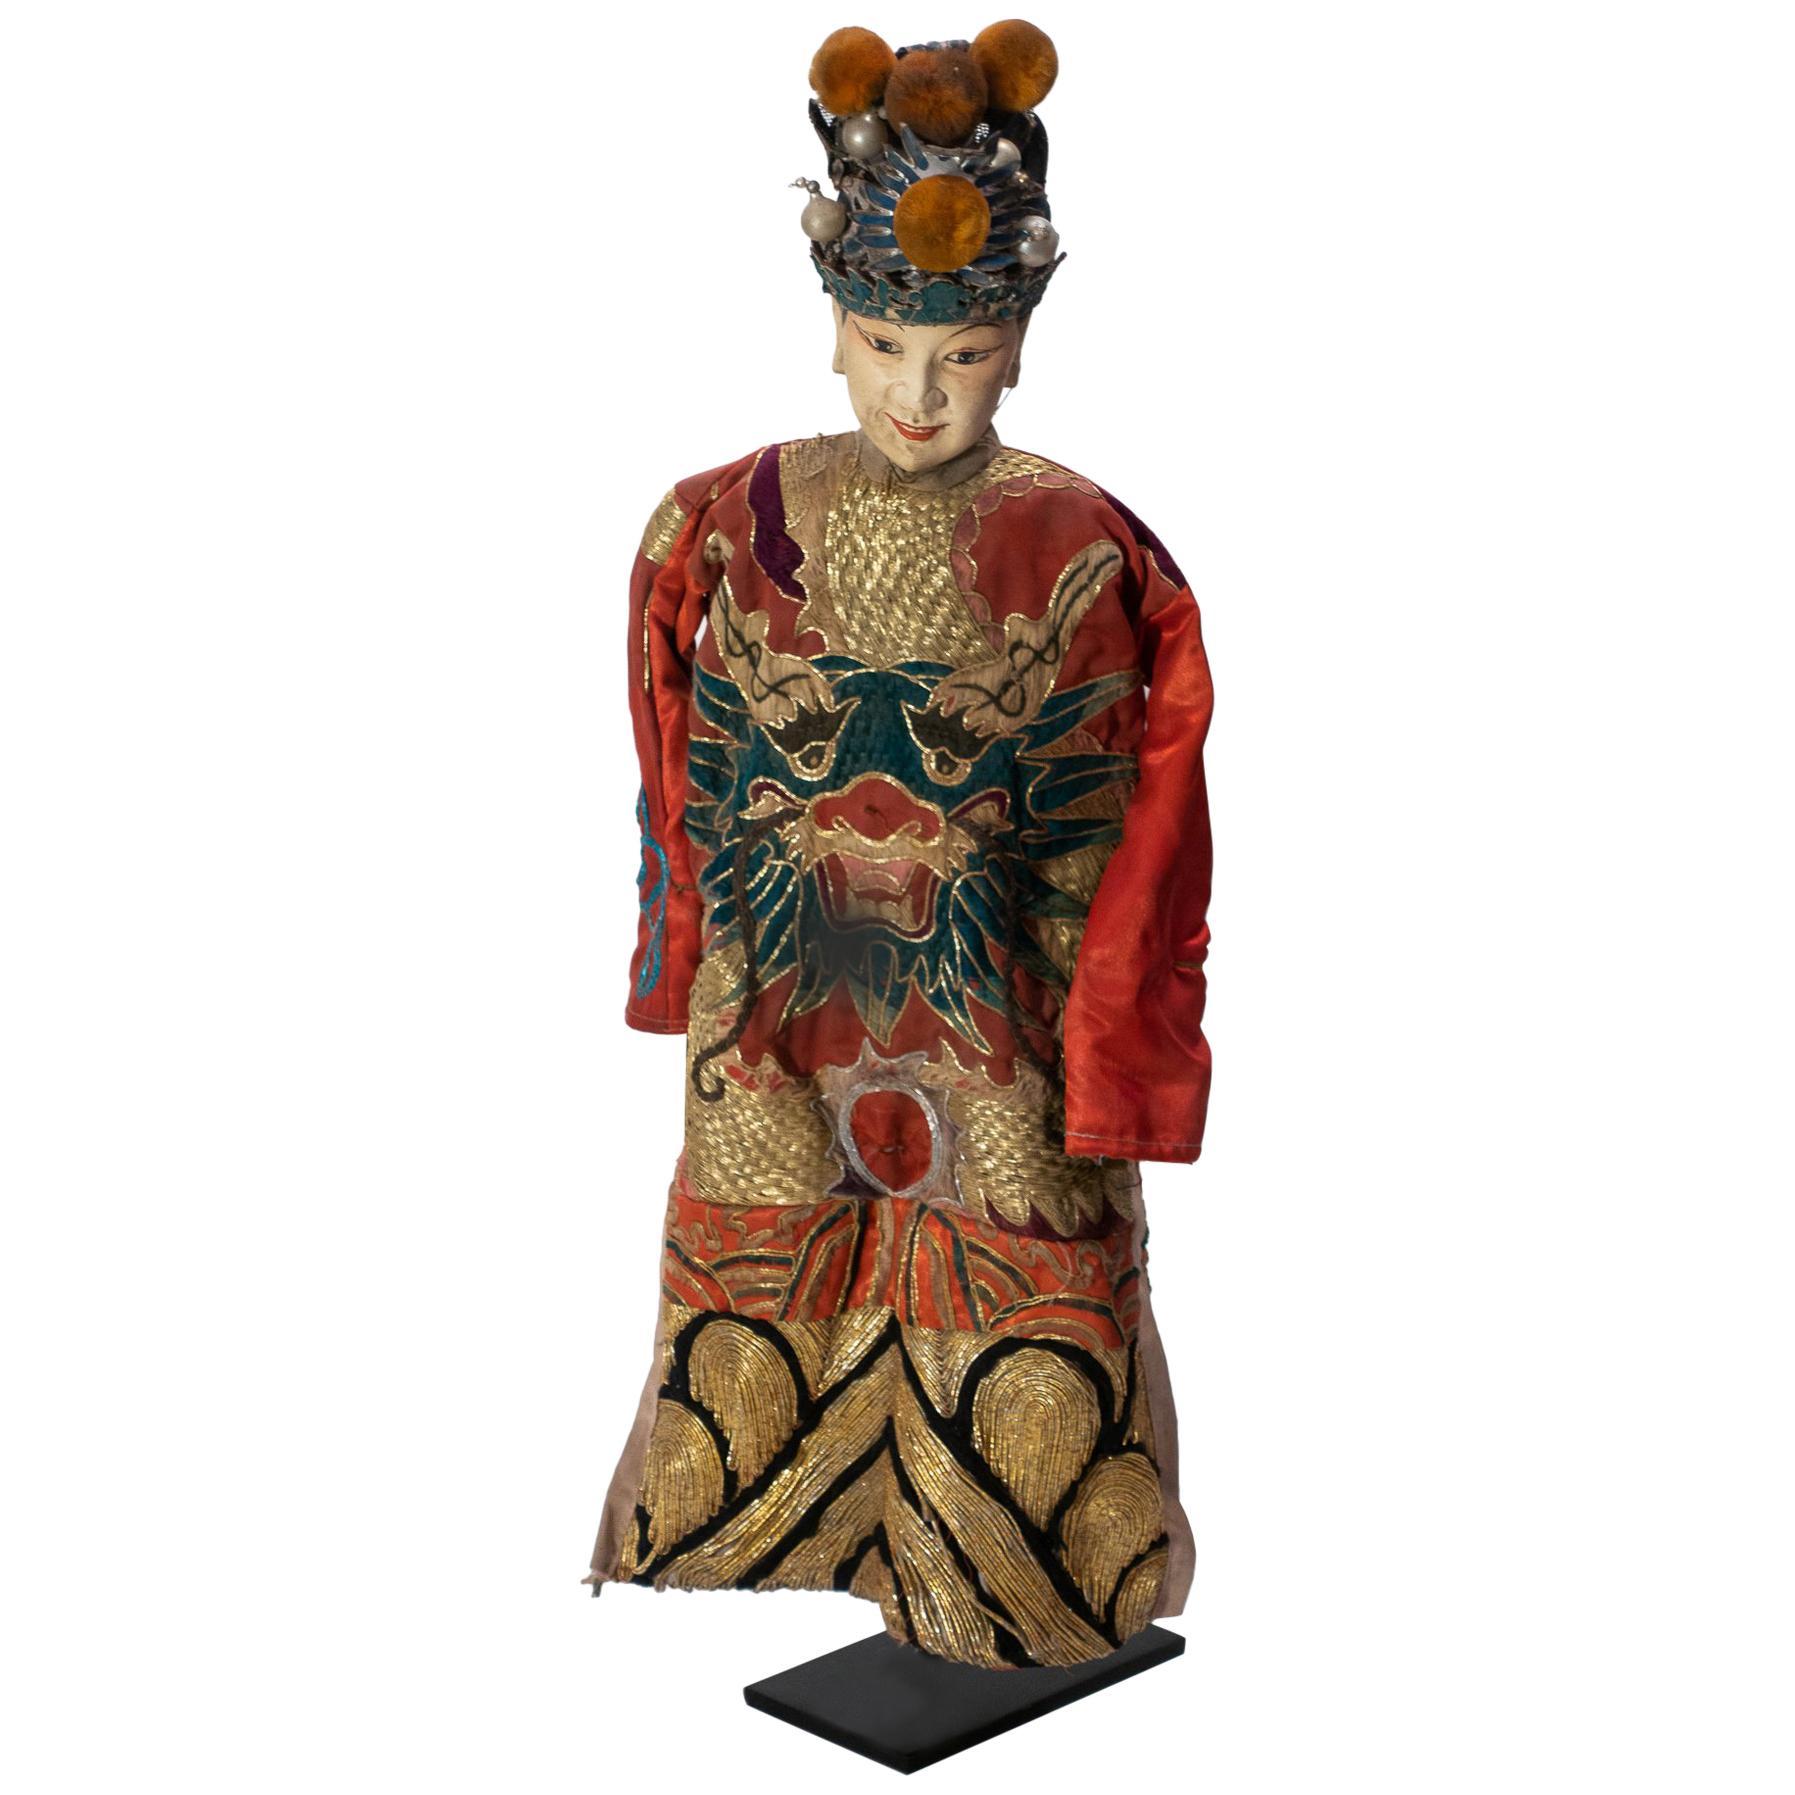 Vintage Chinese Opera Theatre Marionette, Red Silk Robe, Orange Pom Poms